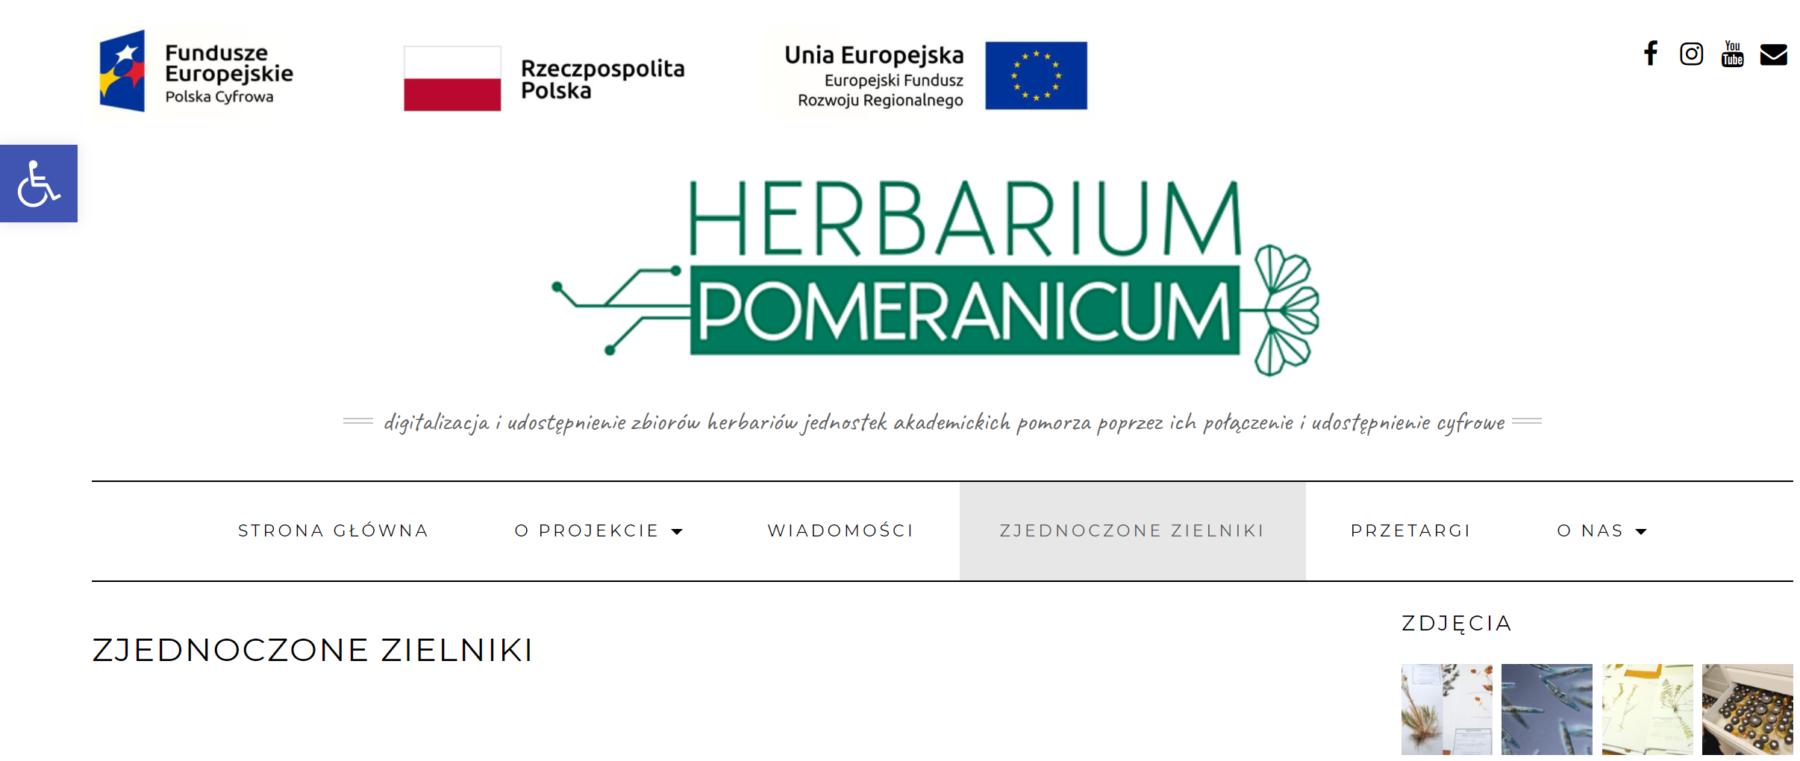 Herbarium Pomorza – udostępnienie zbiorów herbariów jednostek akademickich Pomorza